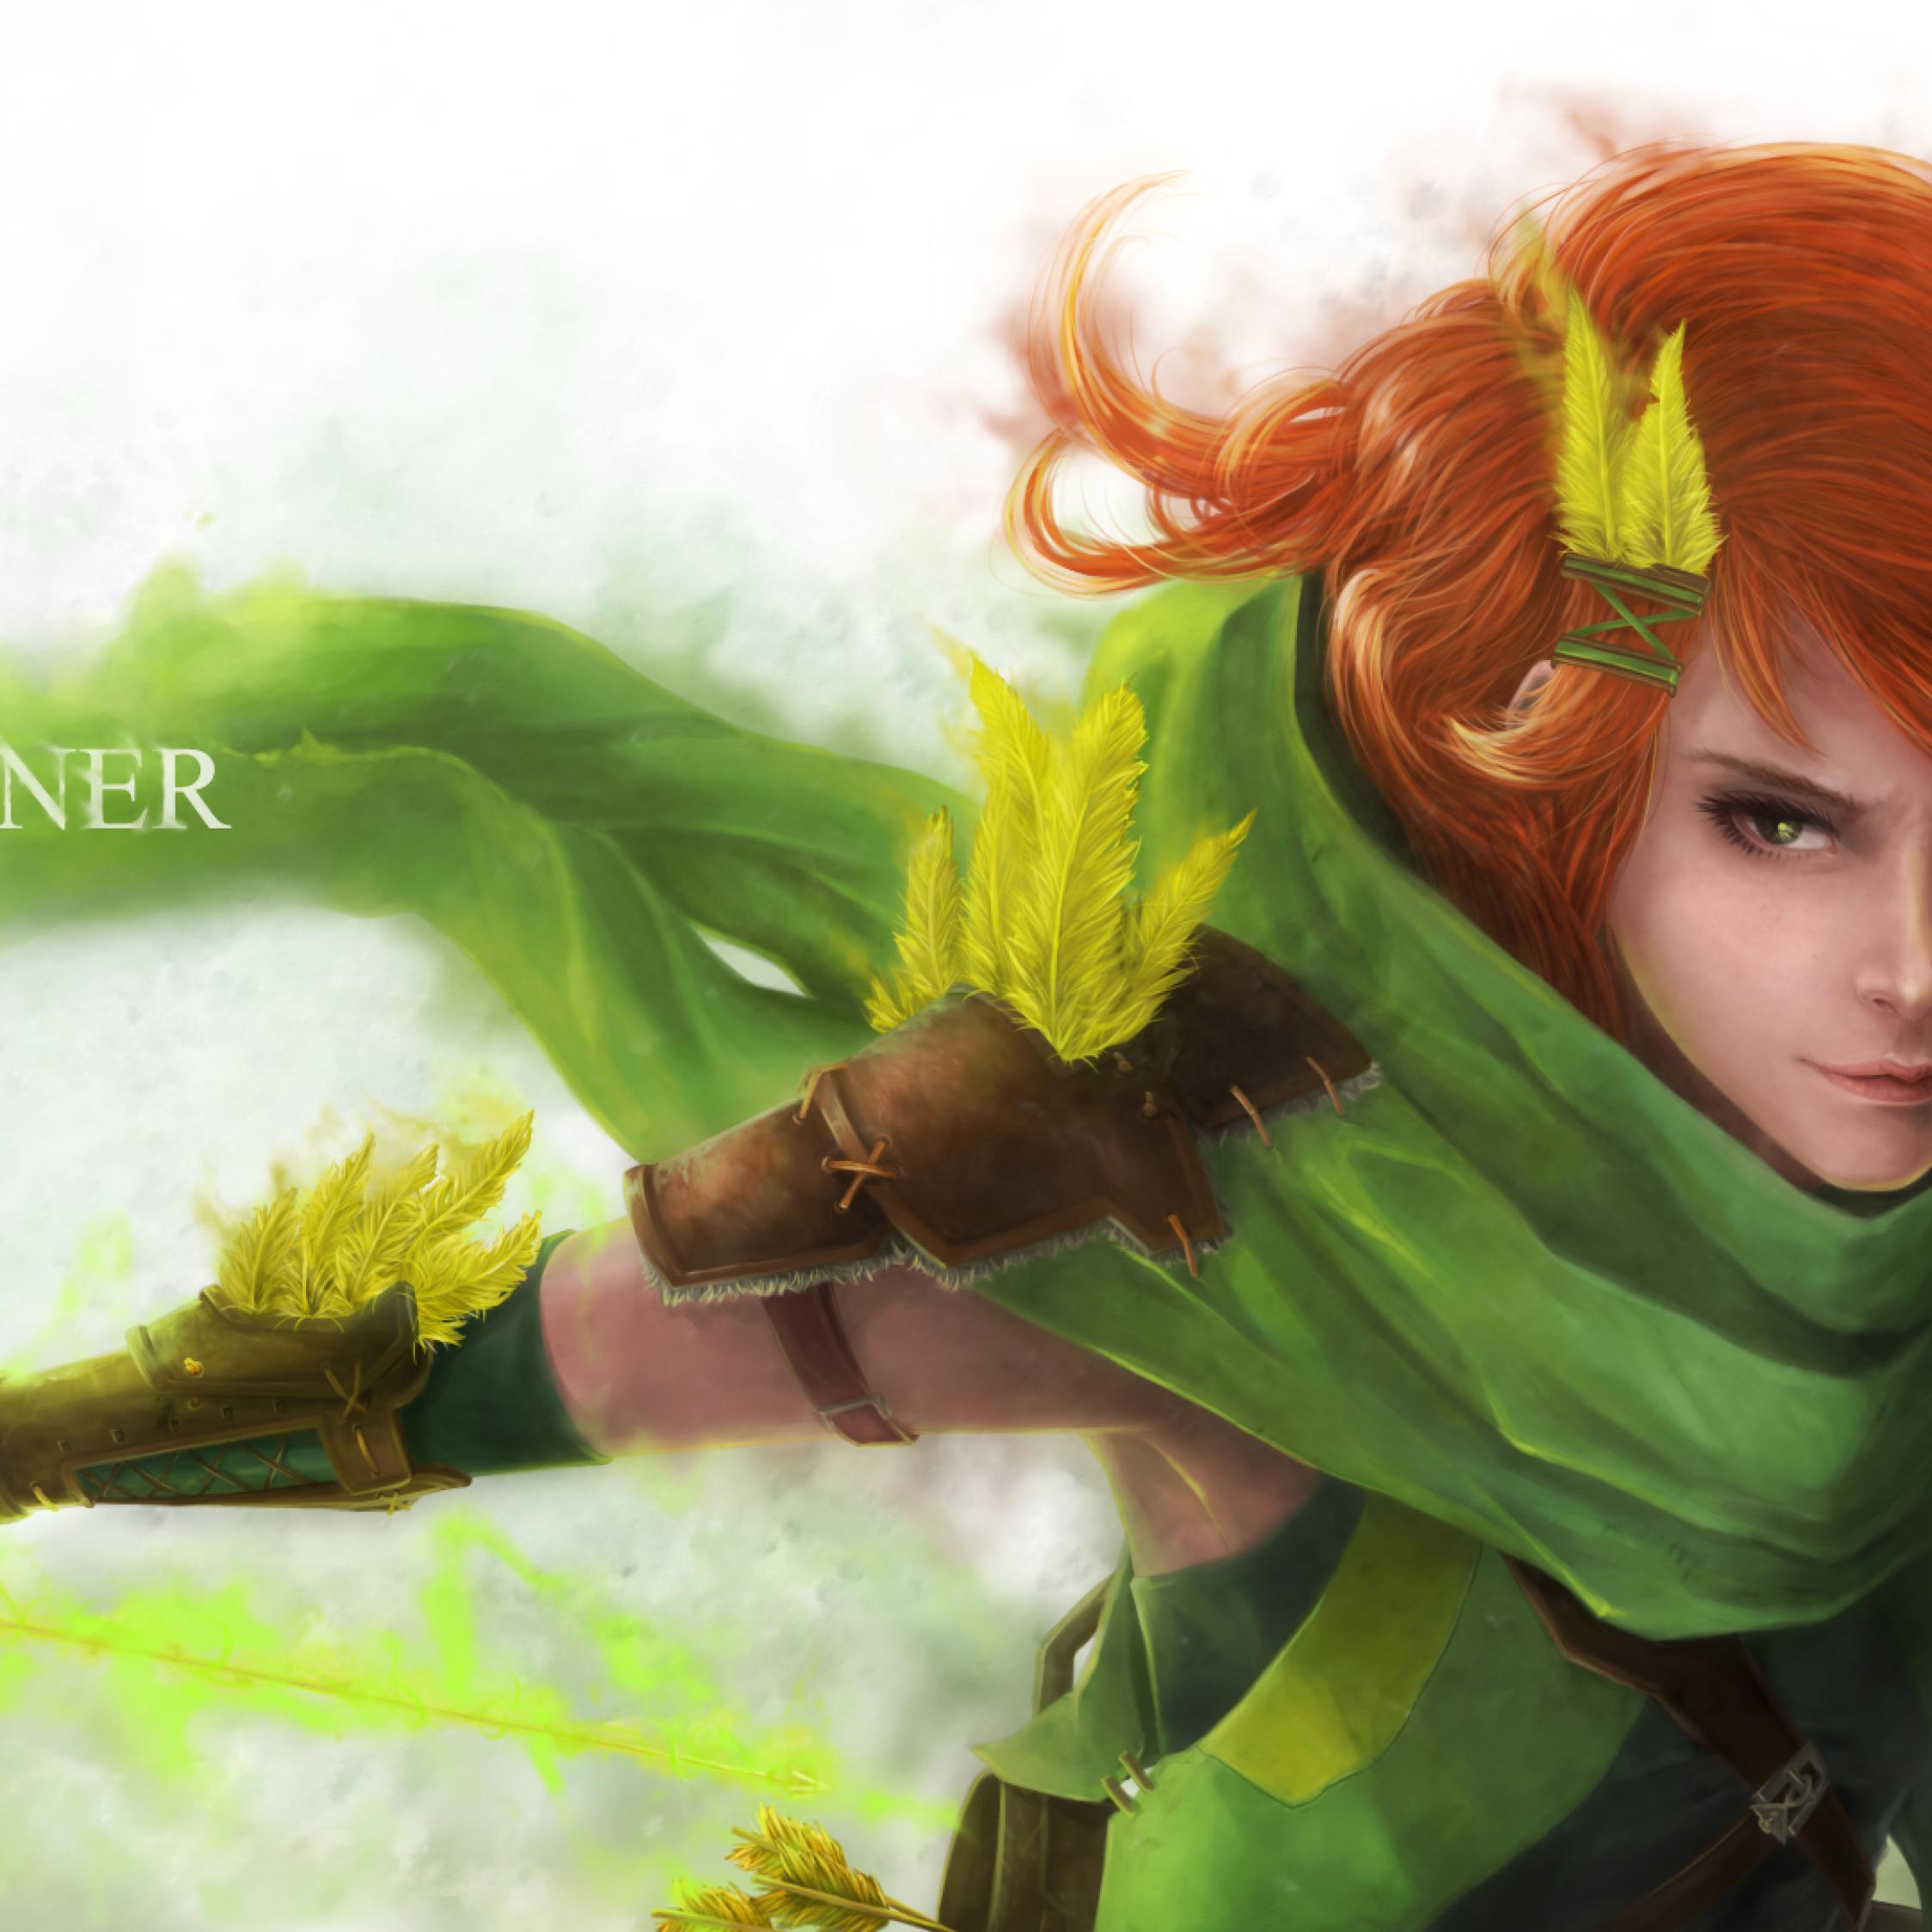 Download Lyralei Windrunner Dota 2 2248x2248 Resolution Full HD